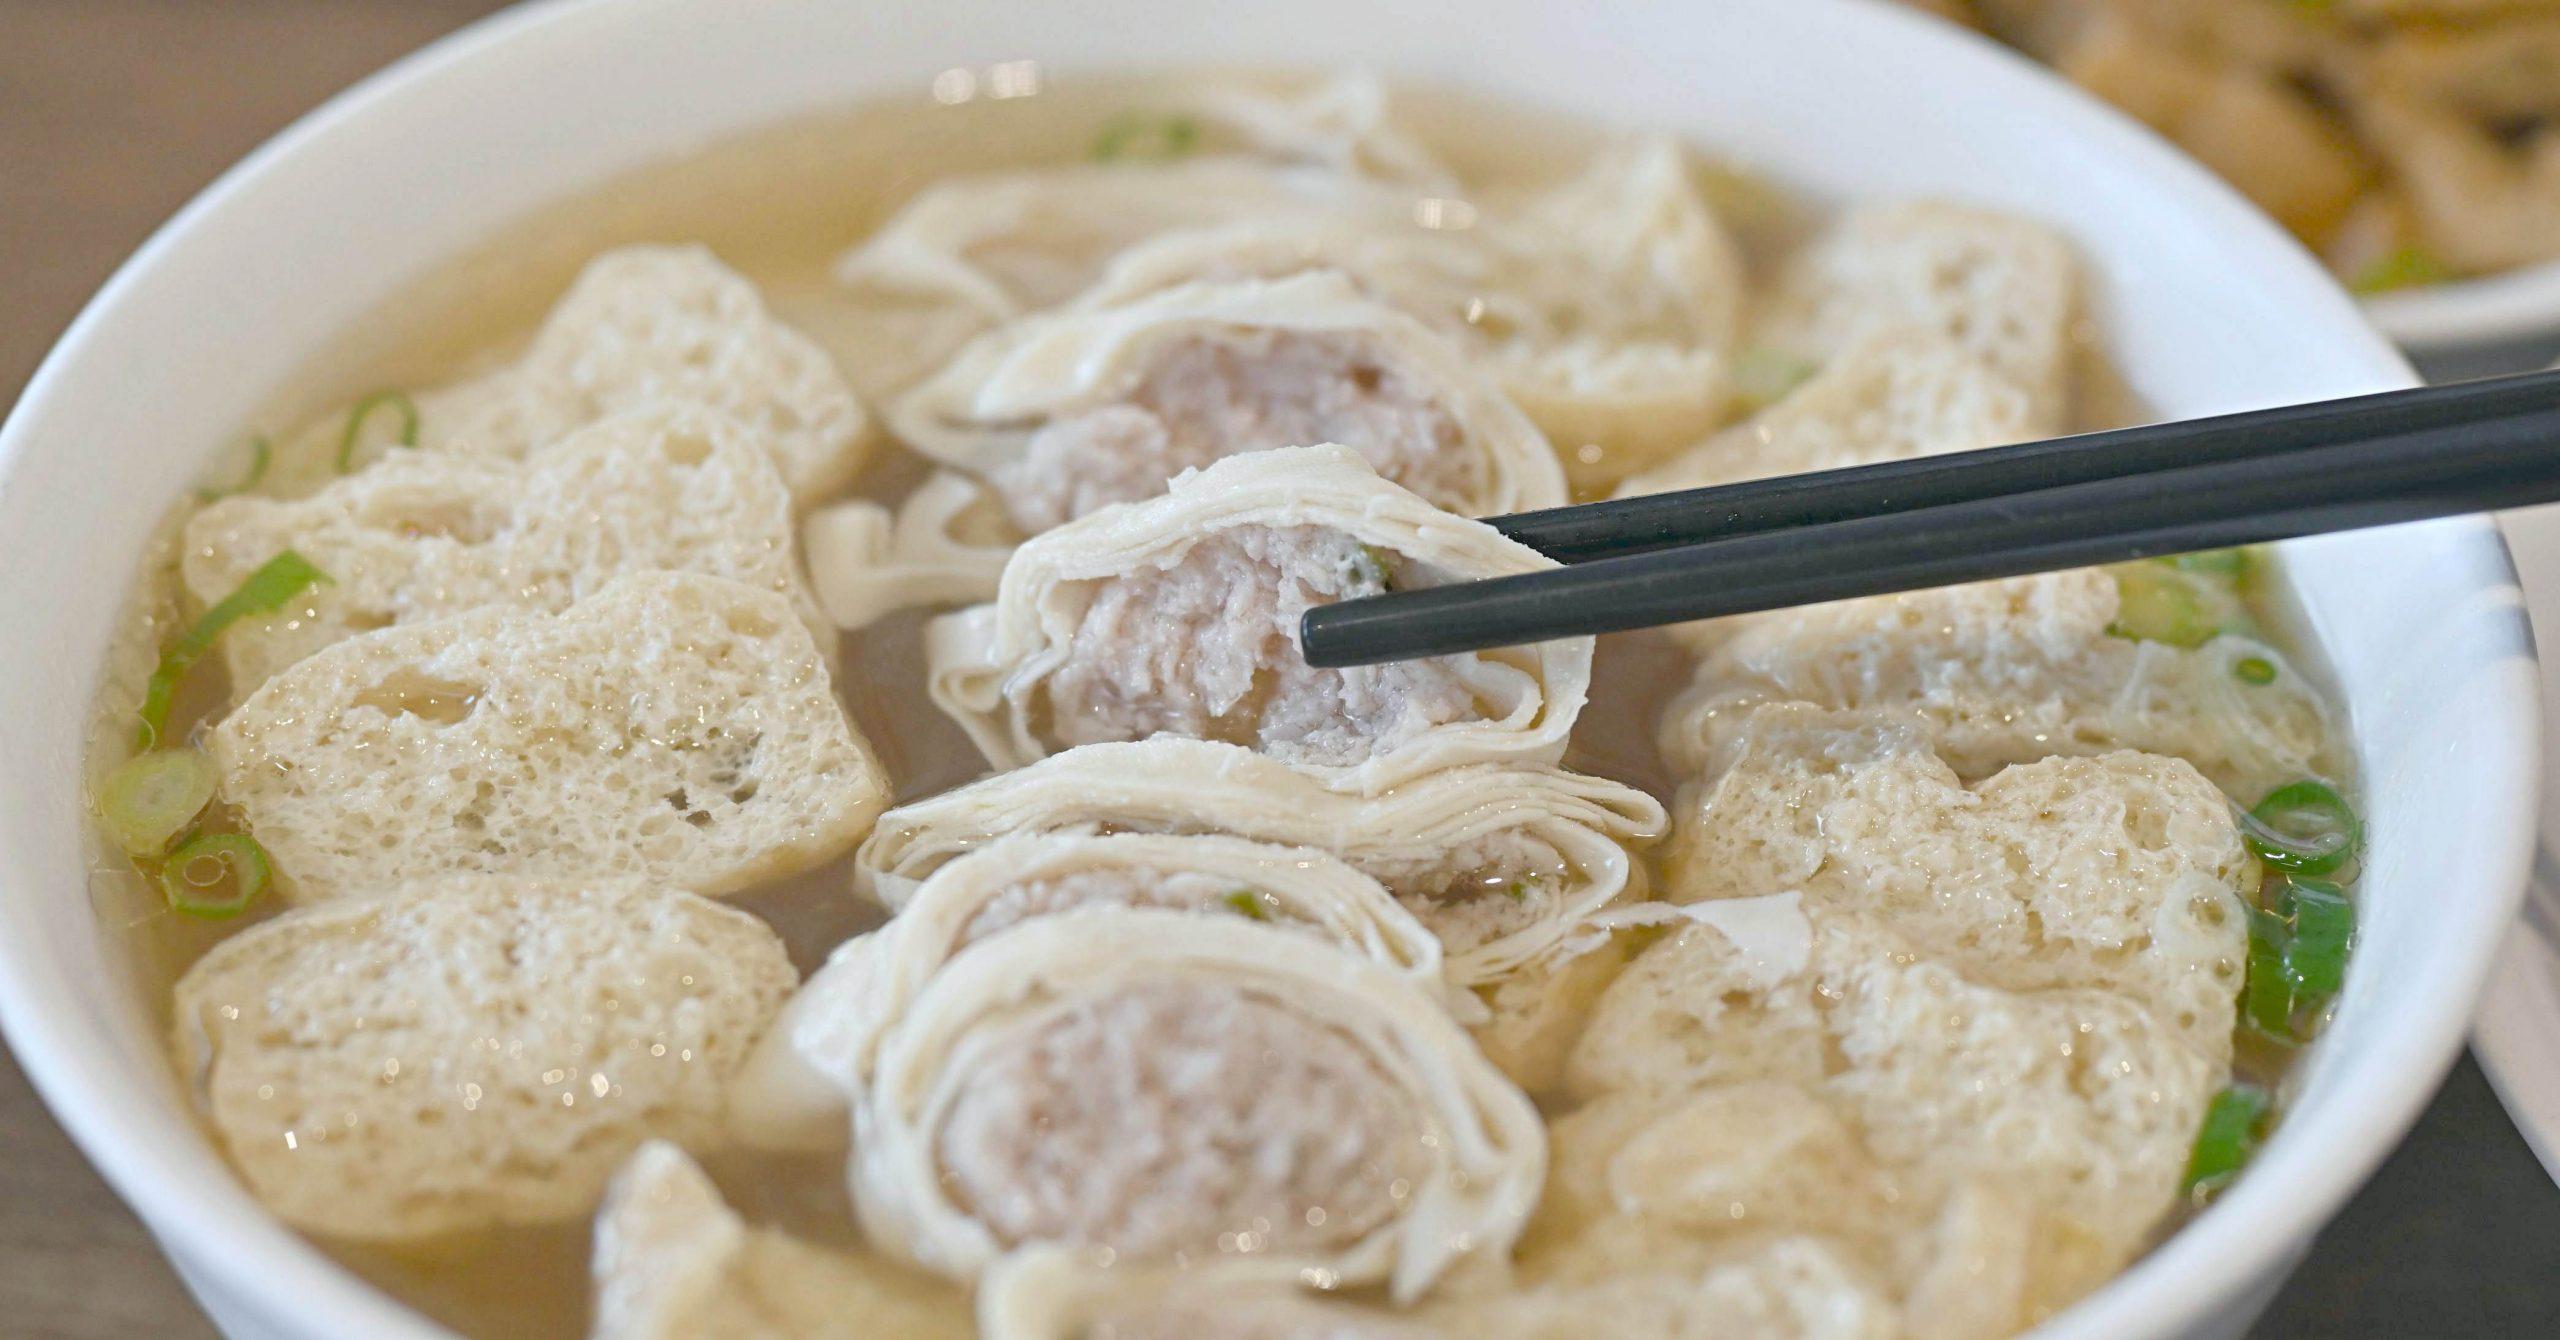 即時熱門文章:【古亭美食】五草車中華麵食館,炒飯跟油豆腐細粉必點 (菜單)